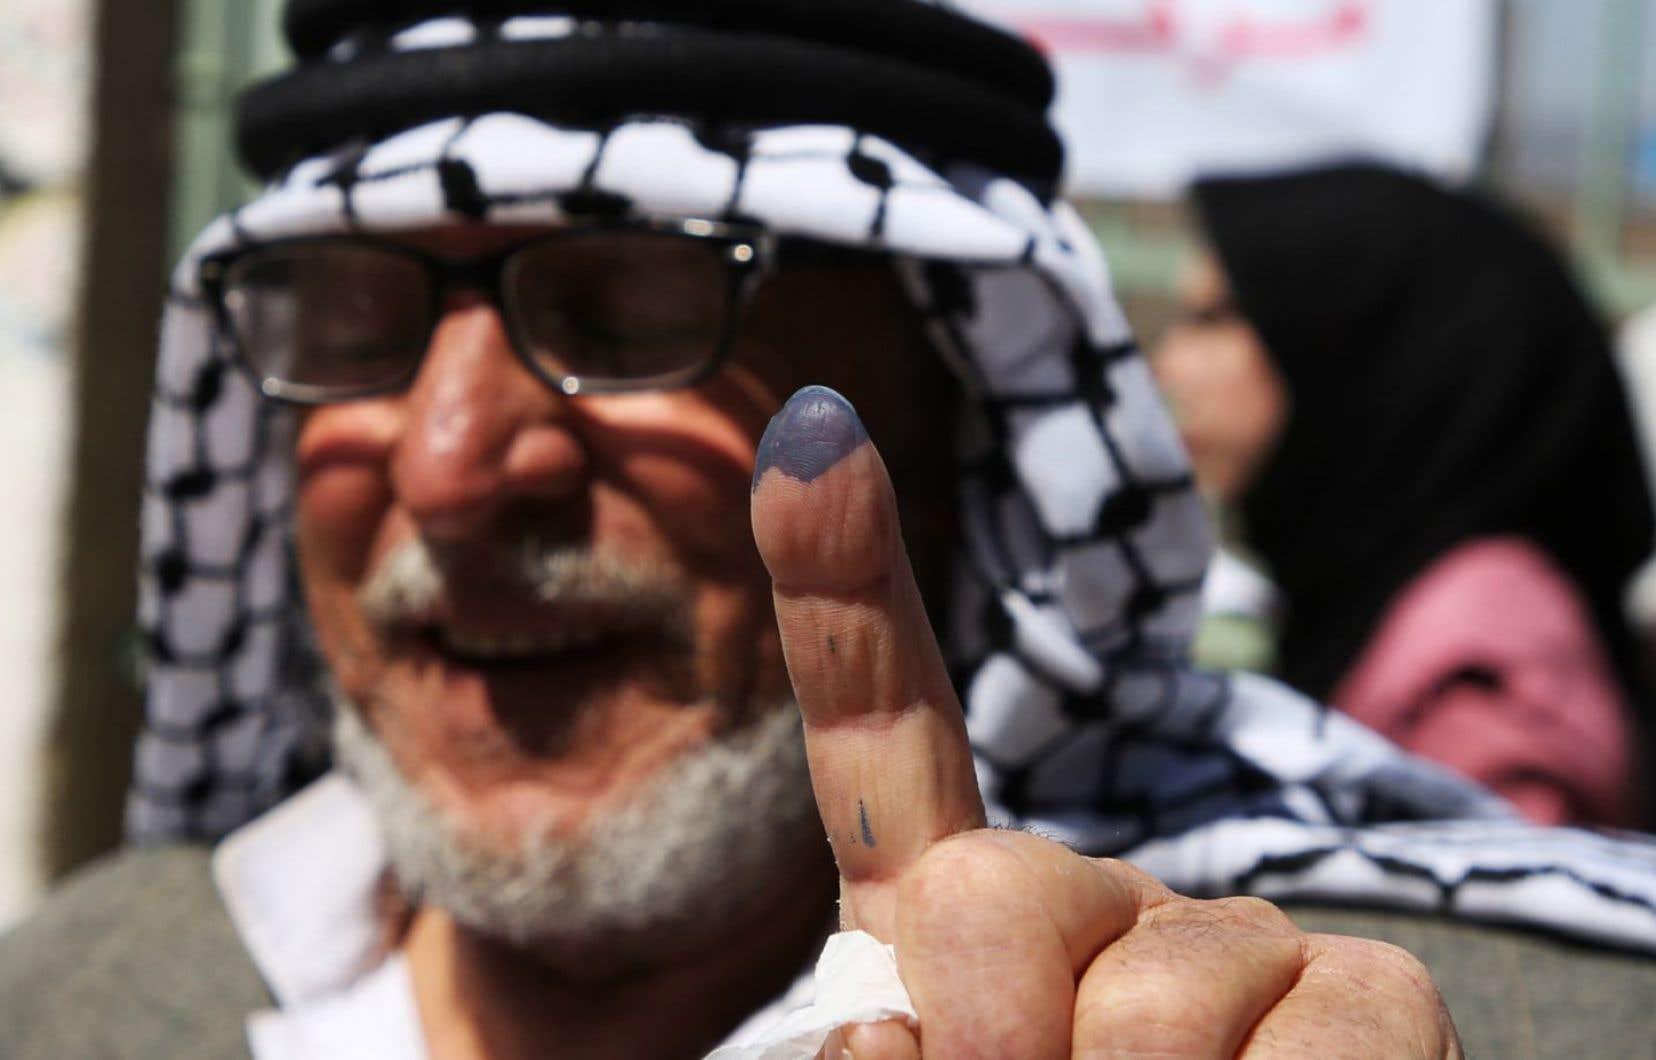 Un Palestinien exhibe son doigt taché d'encre, indiquant qu'il a voté.